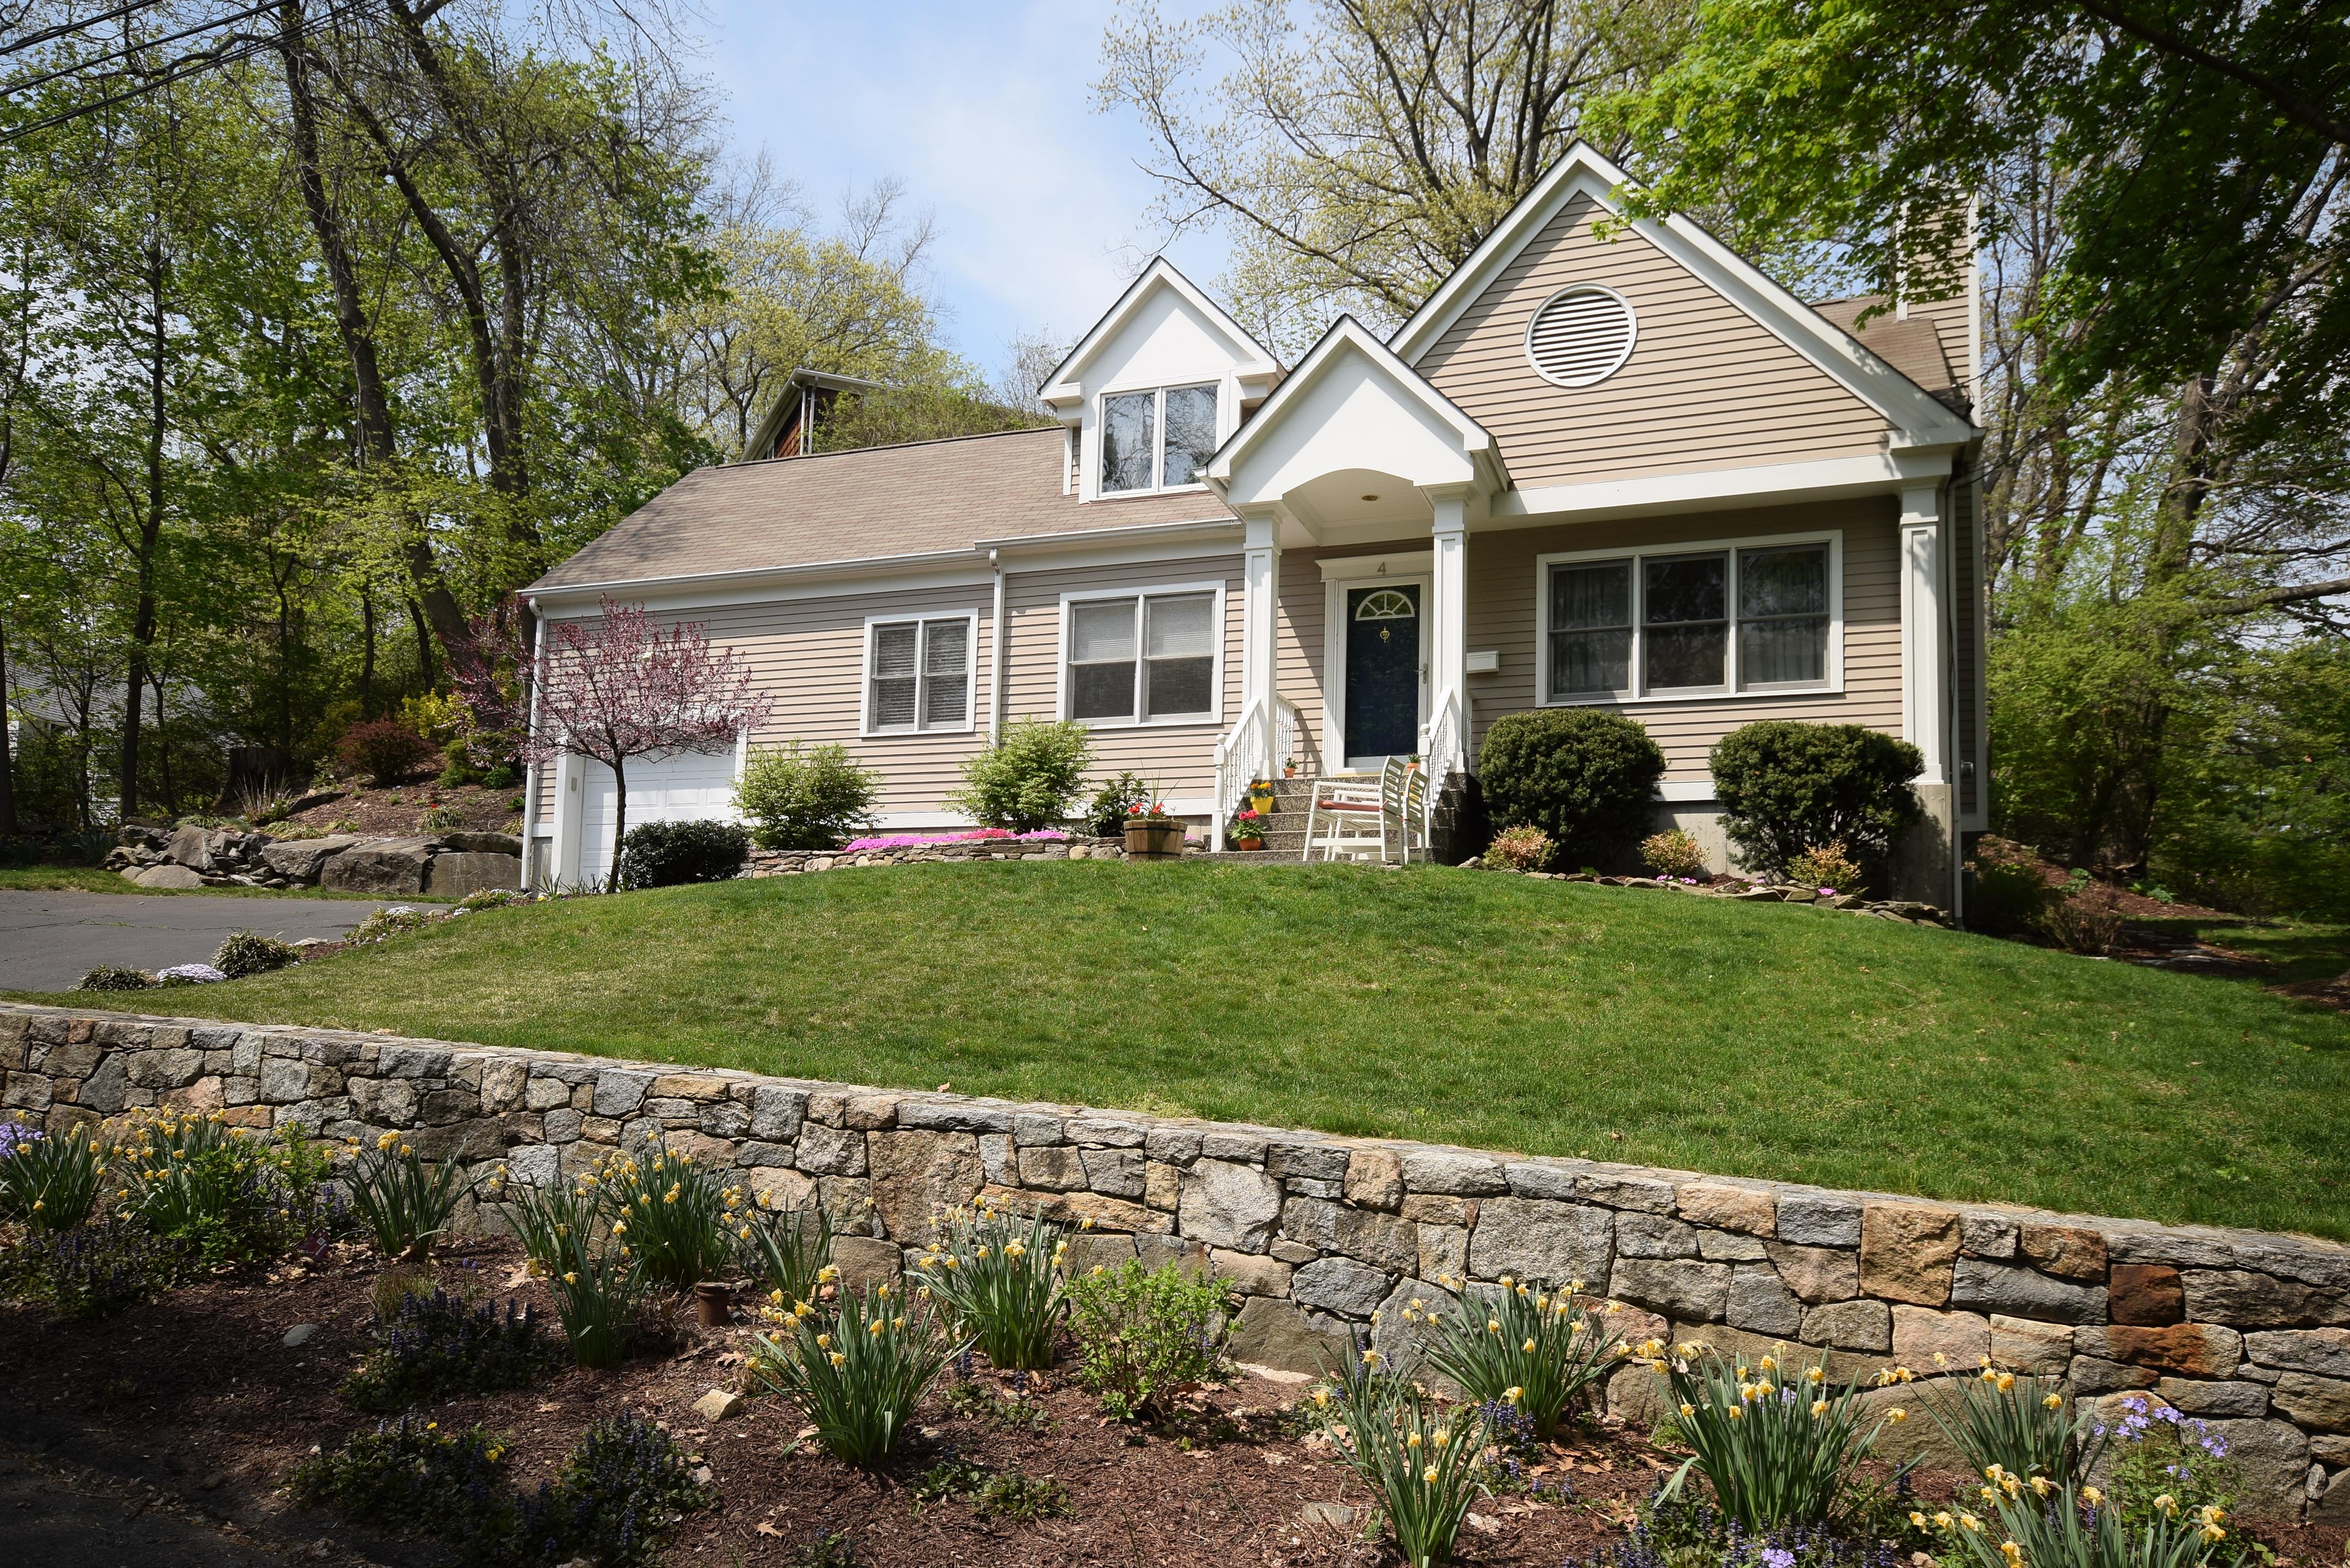 Частный односемейный дом для того Продажа на Pristine Custom Cape 4 Spicewood Road Norwalk, Коннектикут 06854 Соединенные Штаты